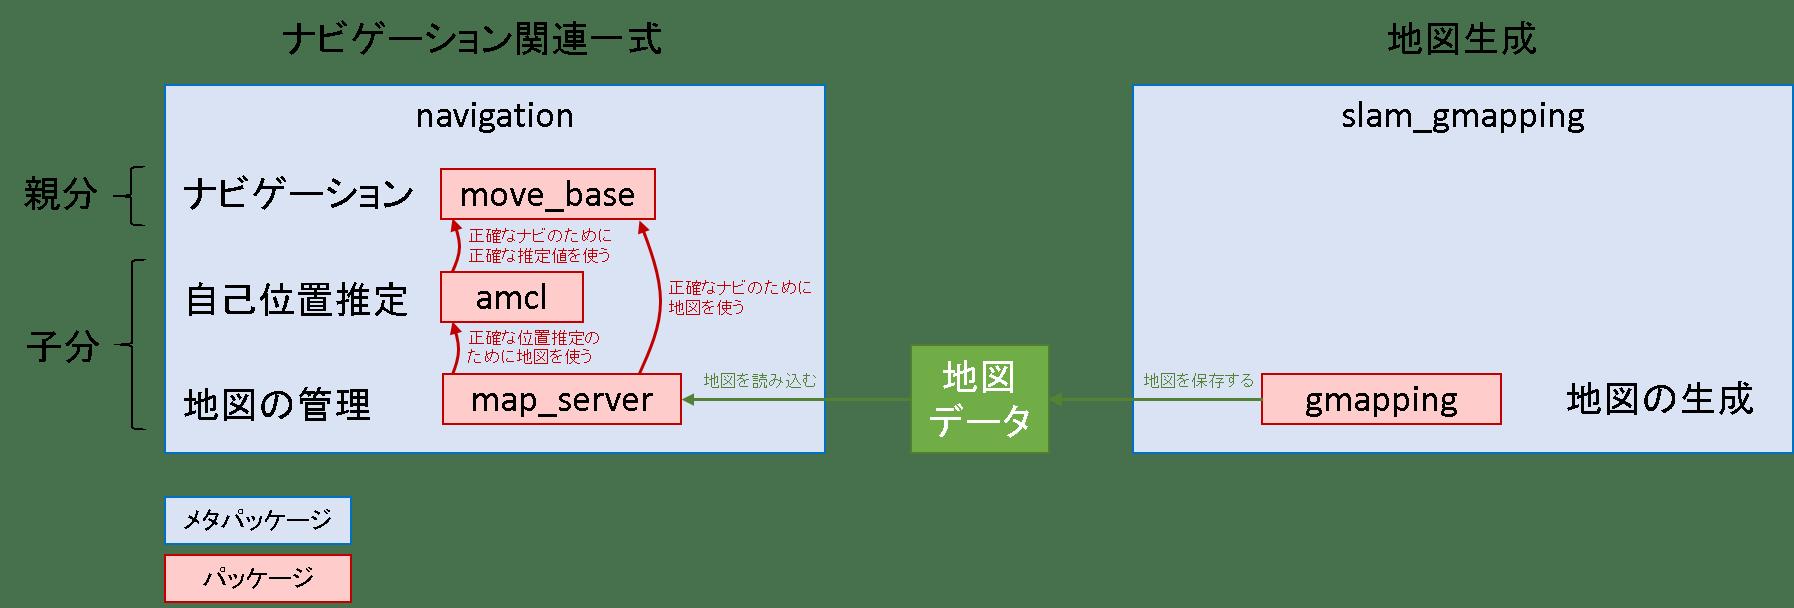 01_パッケージ.png